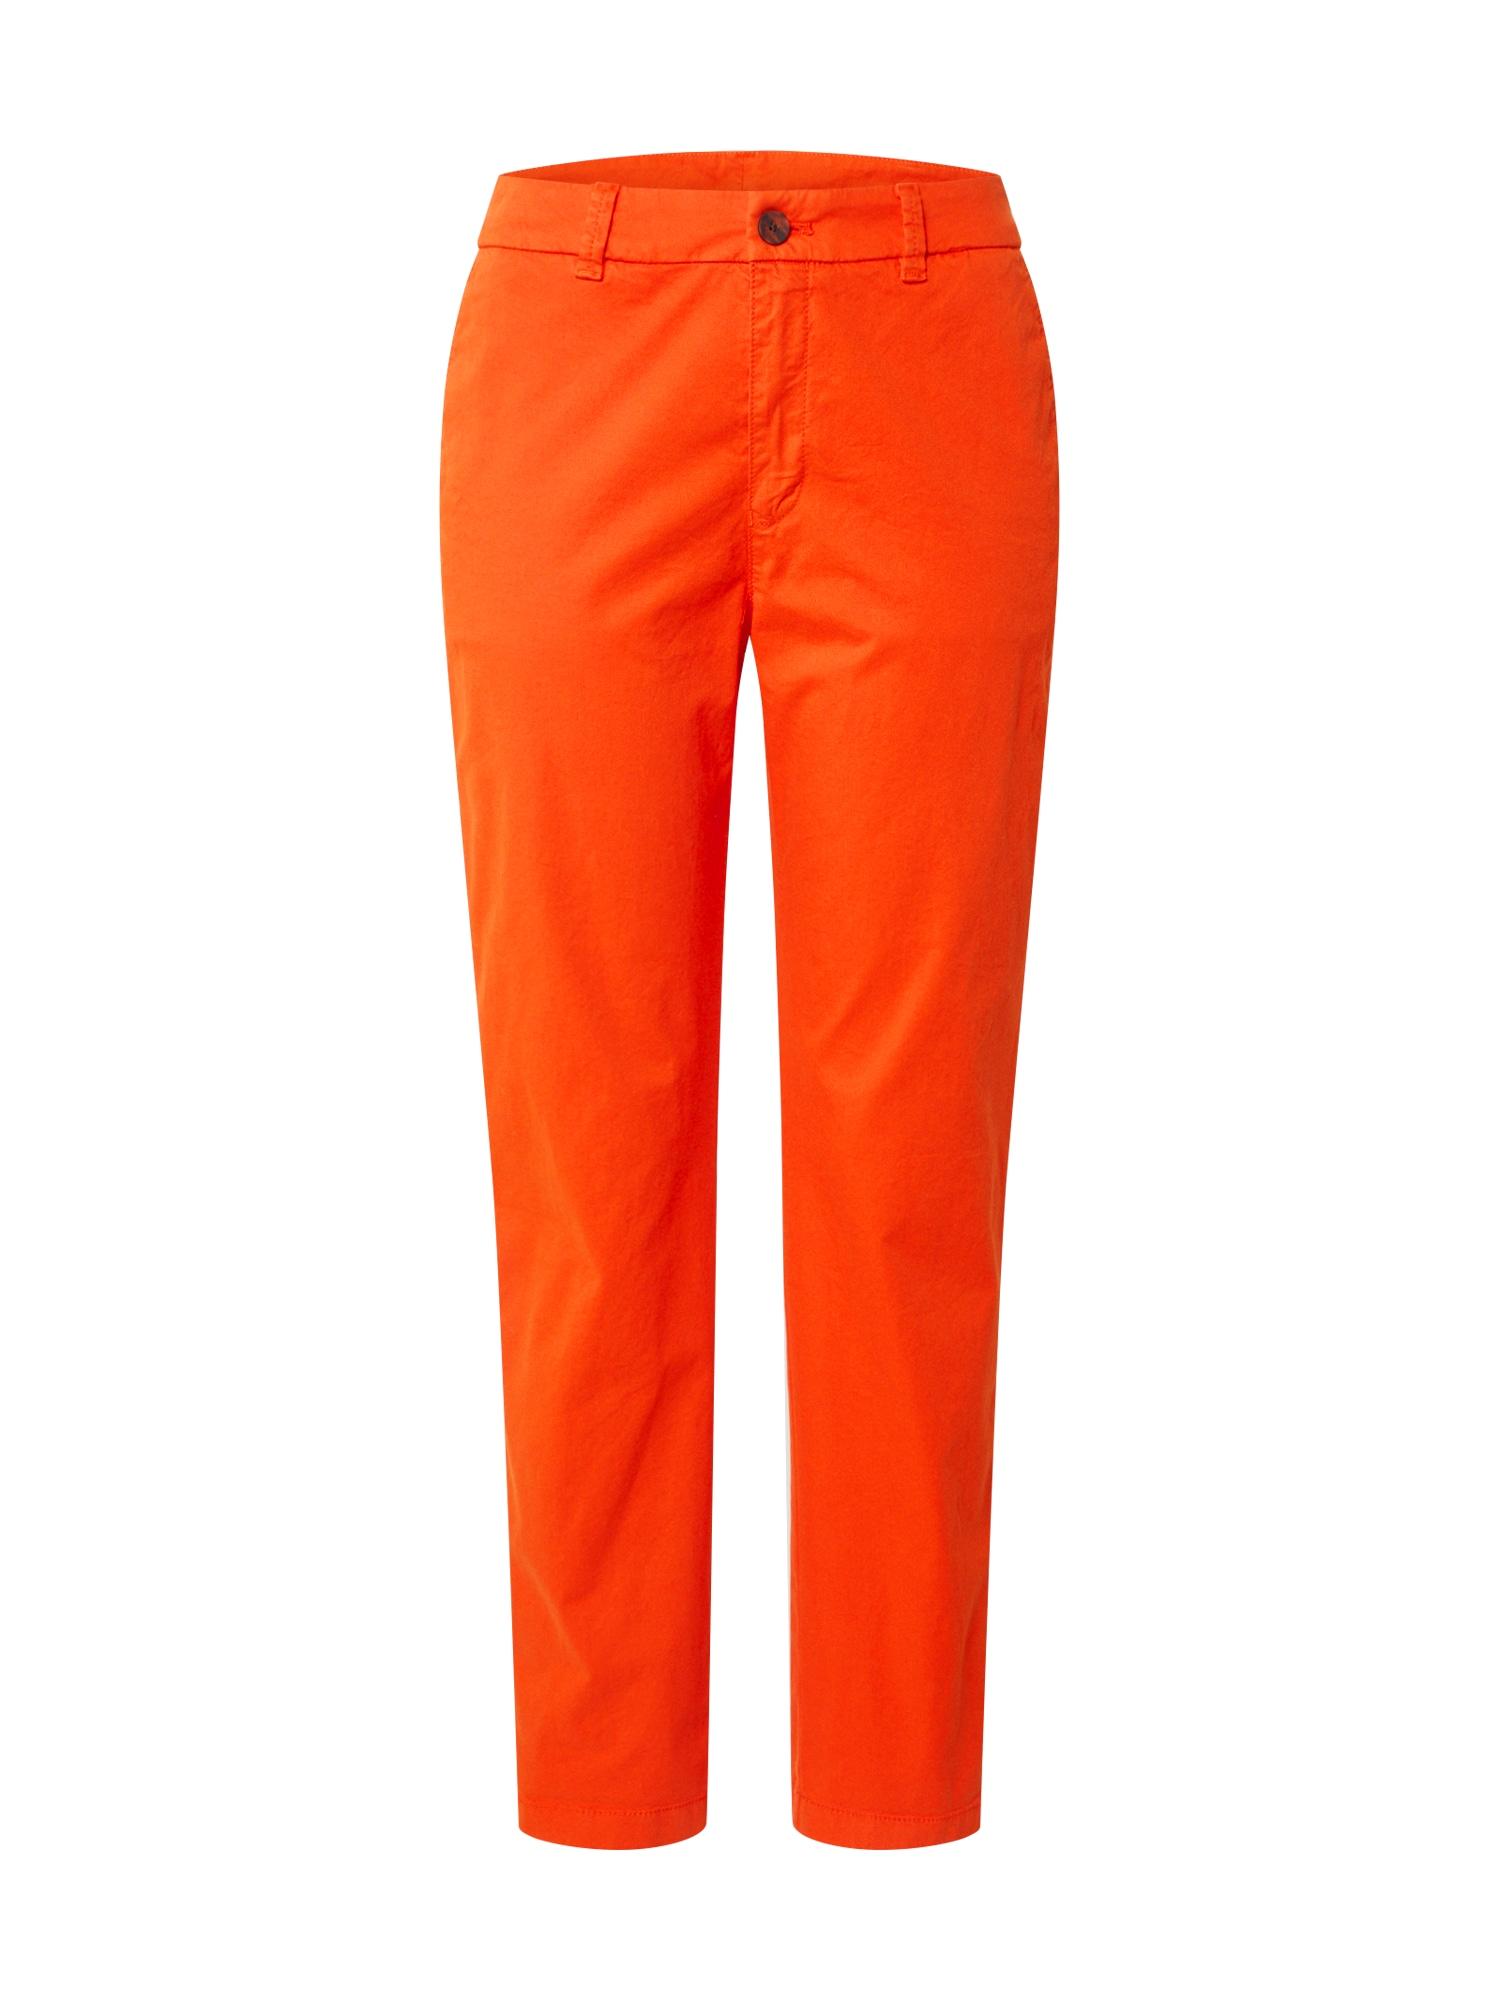 BOSS Chino stiliaus kelnės 'Sachini4-D' oranžinė